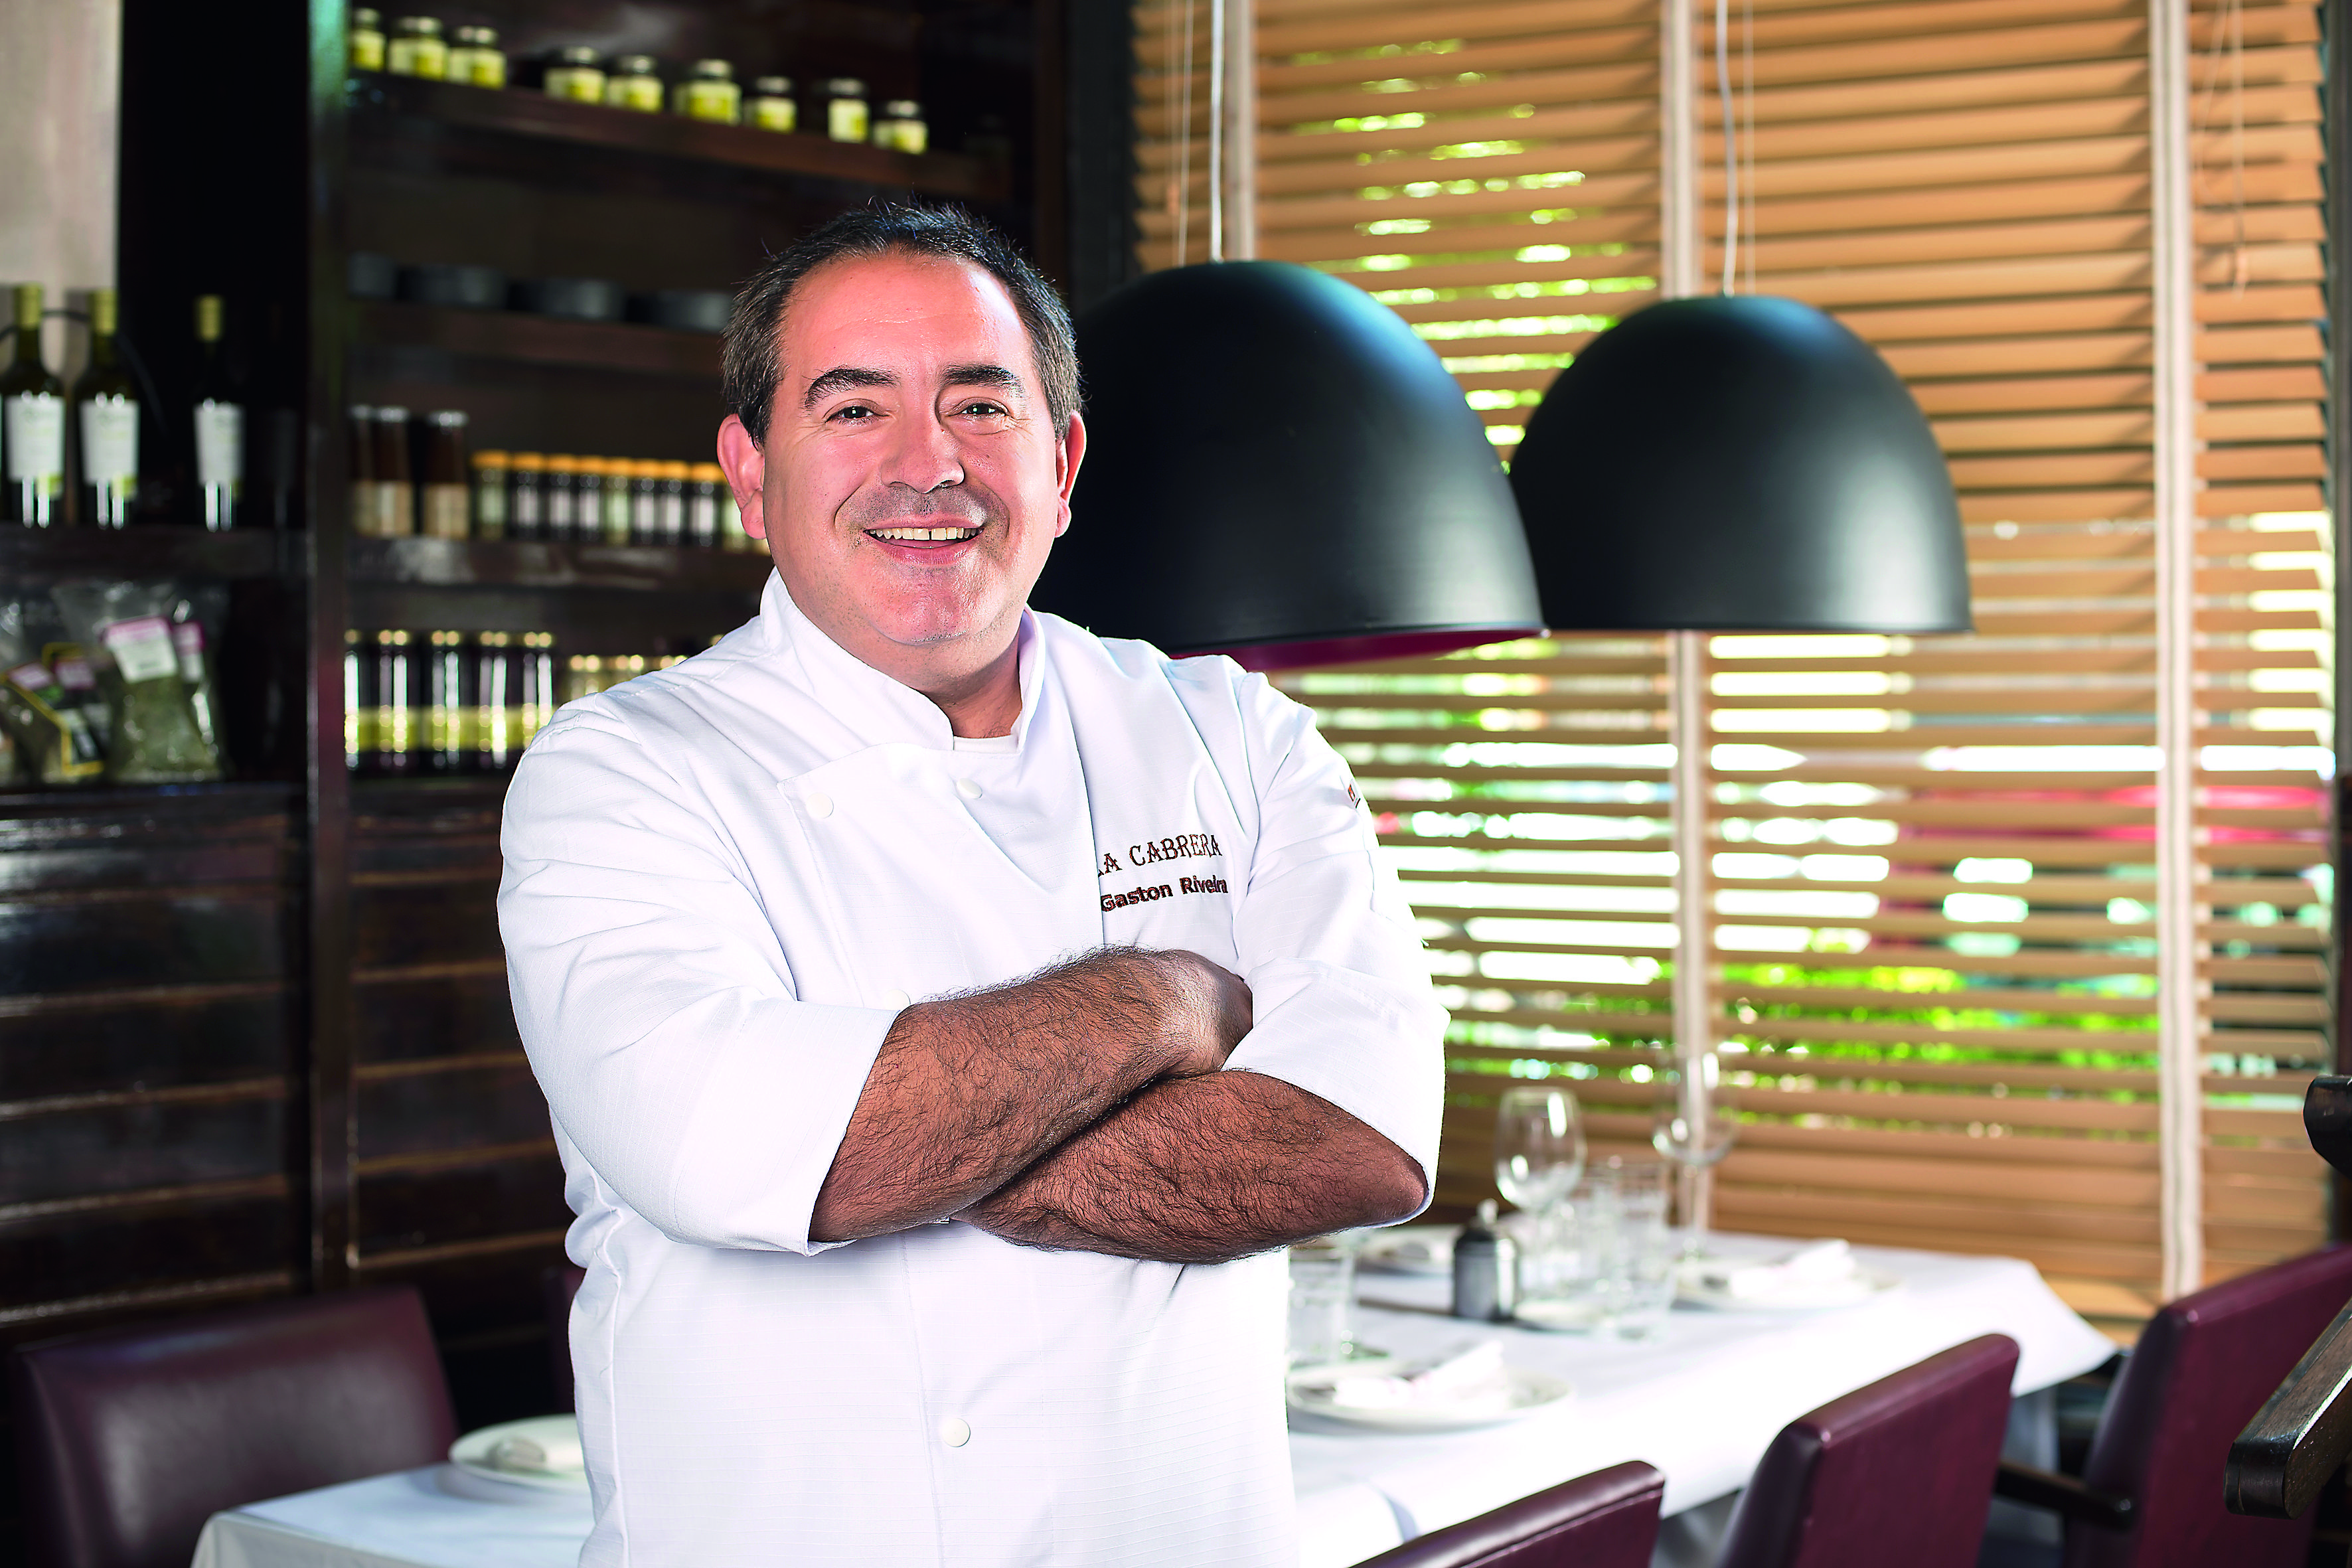 Gastón Riveira: Amor por la cocina, pasión por la parrilla